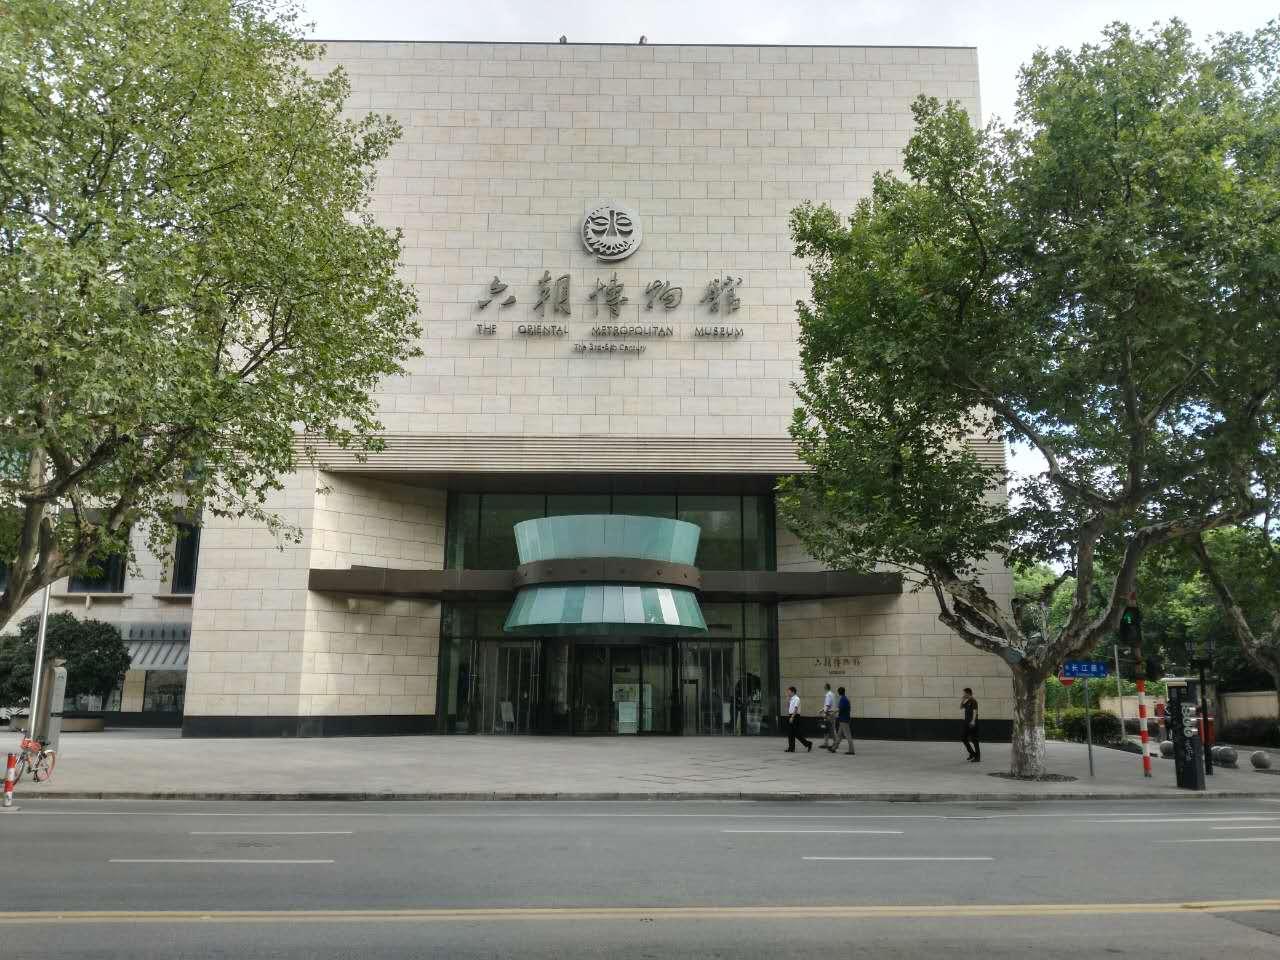 六合区人民医院_南京新鸿运物业管理股份有限公司